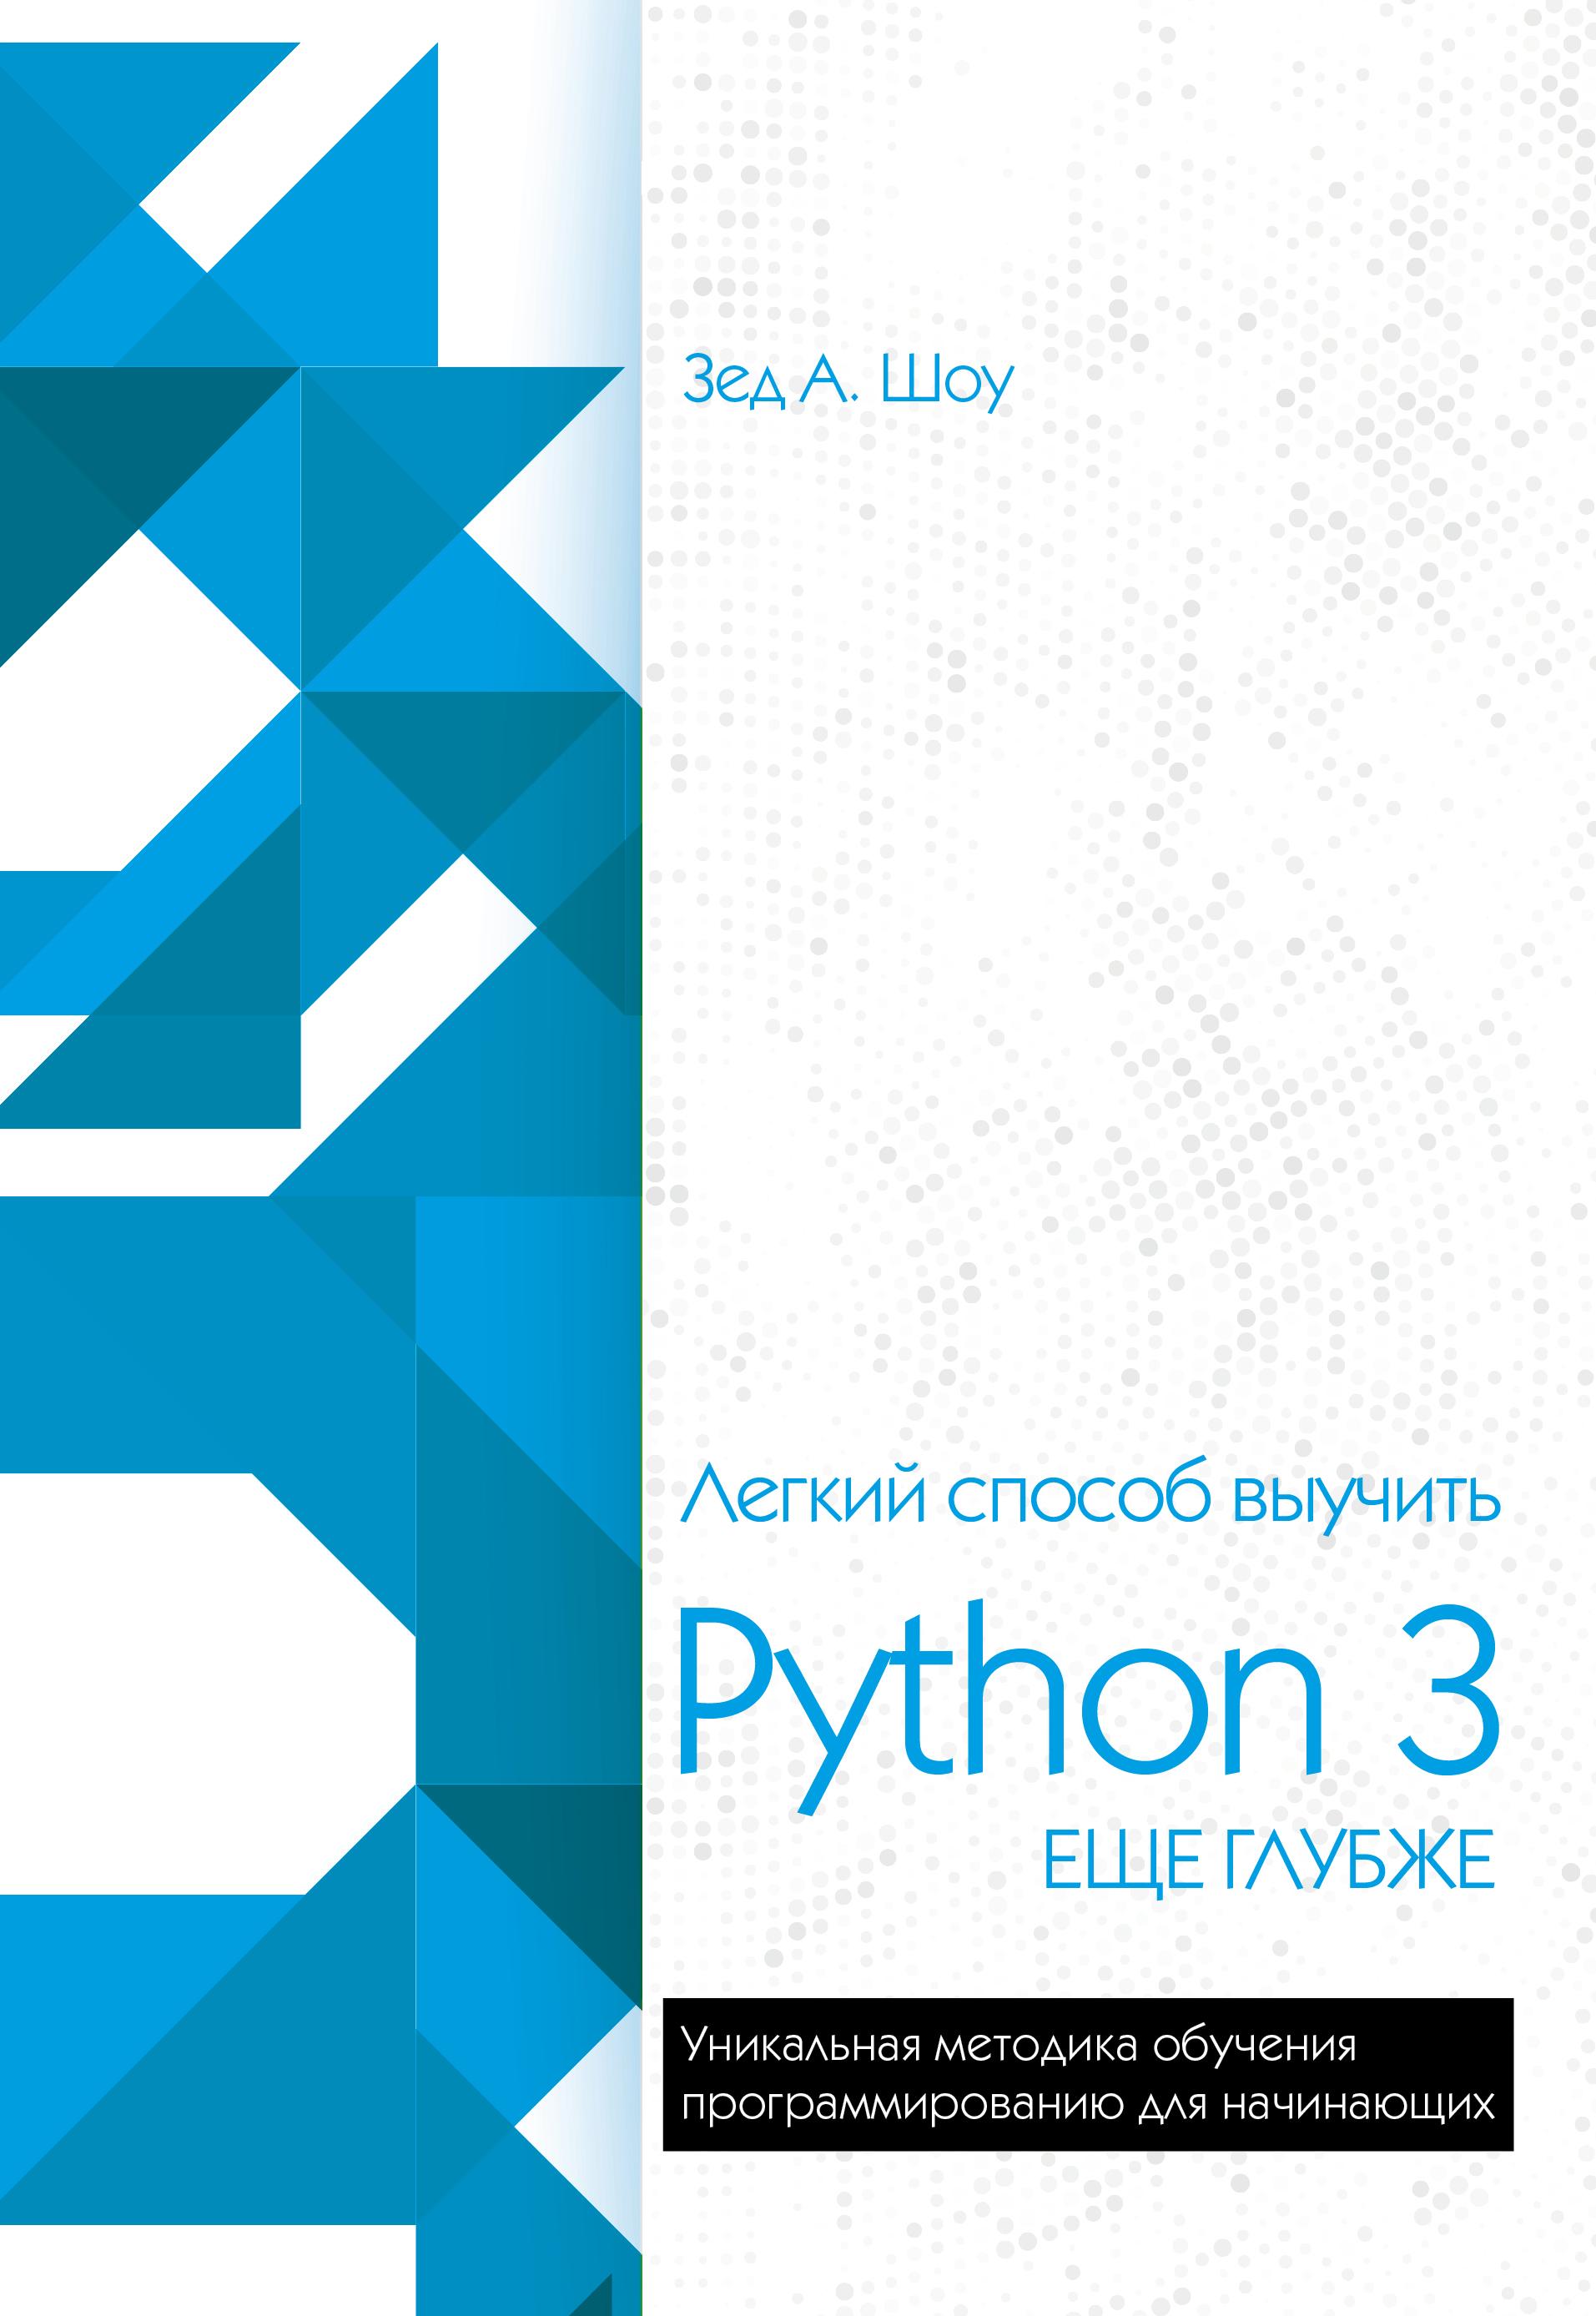 Купить книгу Легкий способ выучить Python 3 еще глубже, автора Зеда Шоу